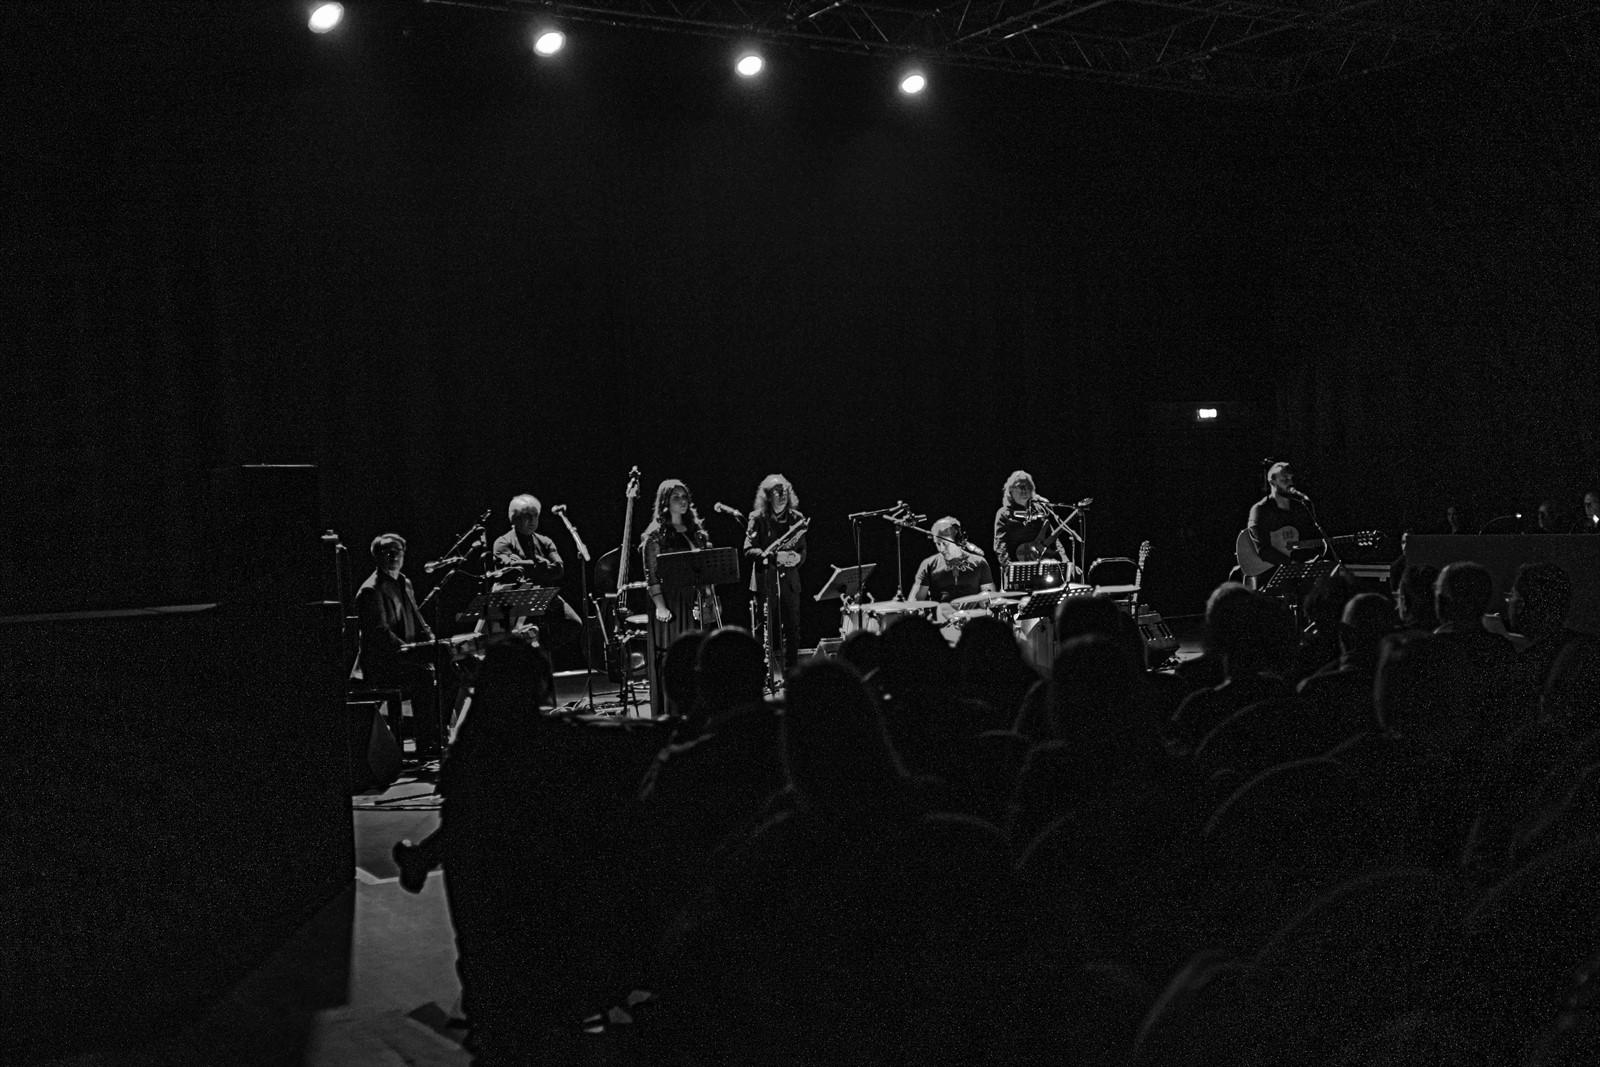 Auditorium - 19